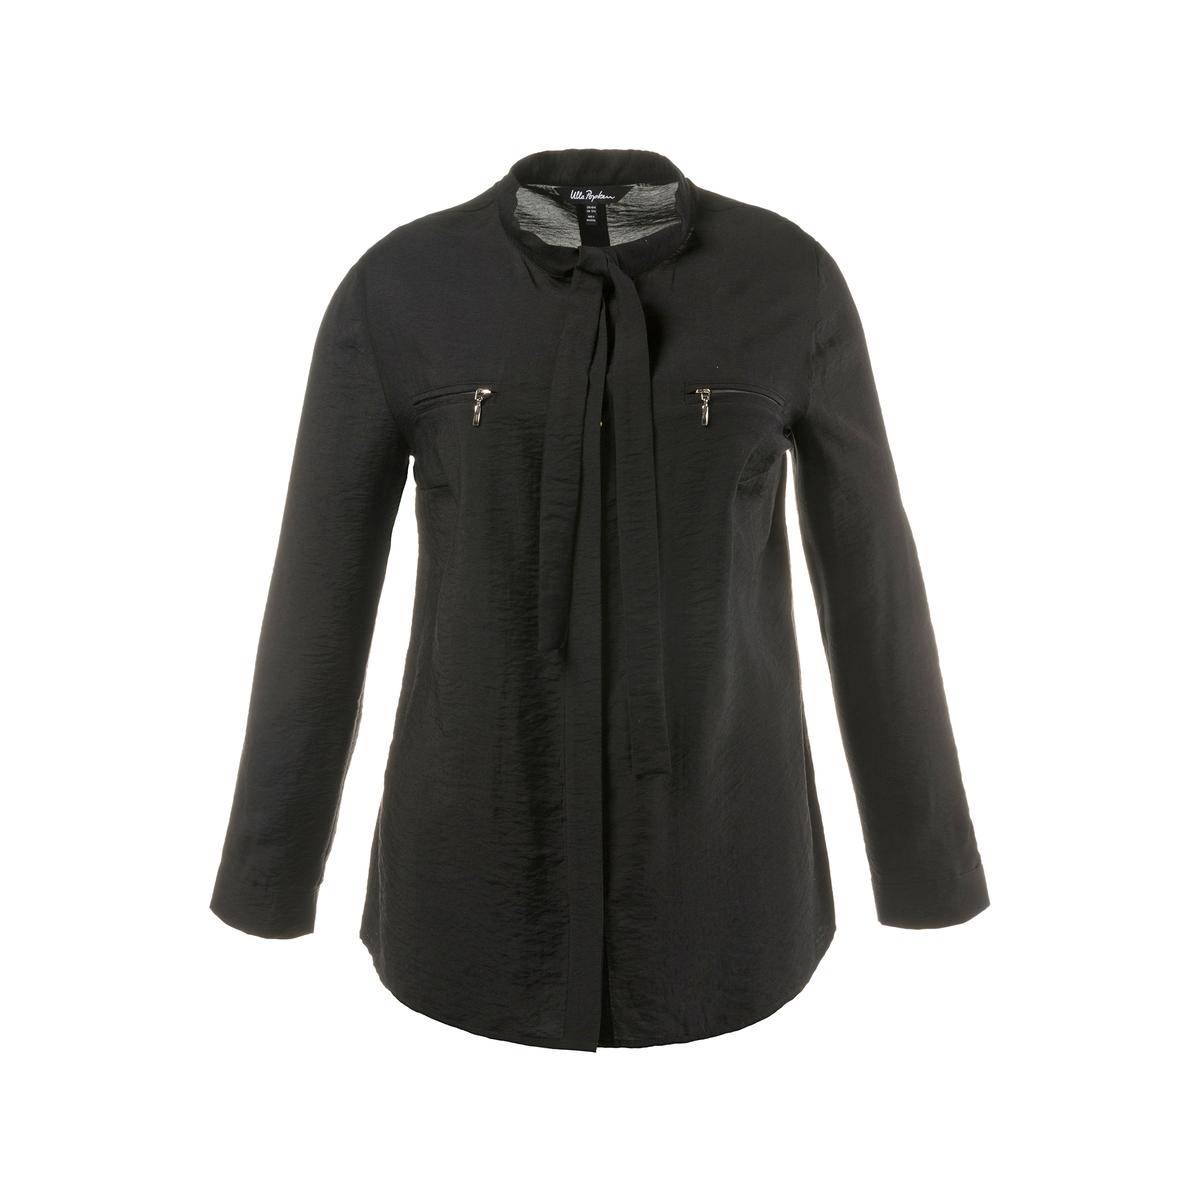 БлузкаБлузка свободного покроя с завязками и невидимой планкой застежки на пуговицы . 2 оригинальных кармана, золотистая застежка на молнию, длинные рукава, отделка манжет . Длина зависит от размера: 68-78 см.<br><br>Цвет: черный<br>Размер: 48/50 (FR) - 54/56 (RUS)